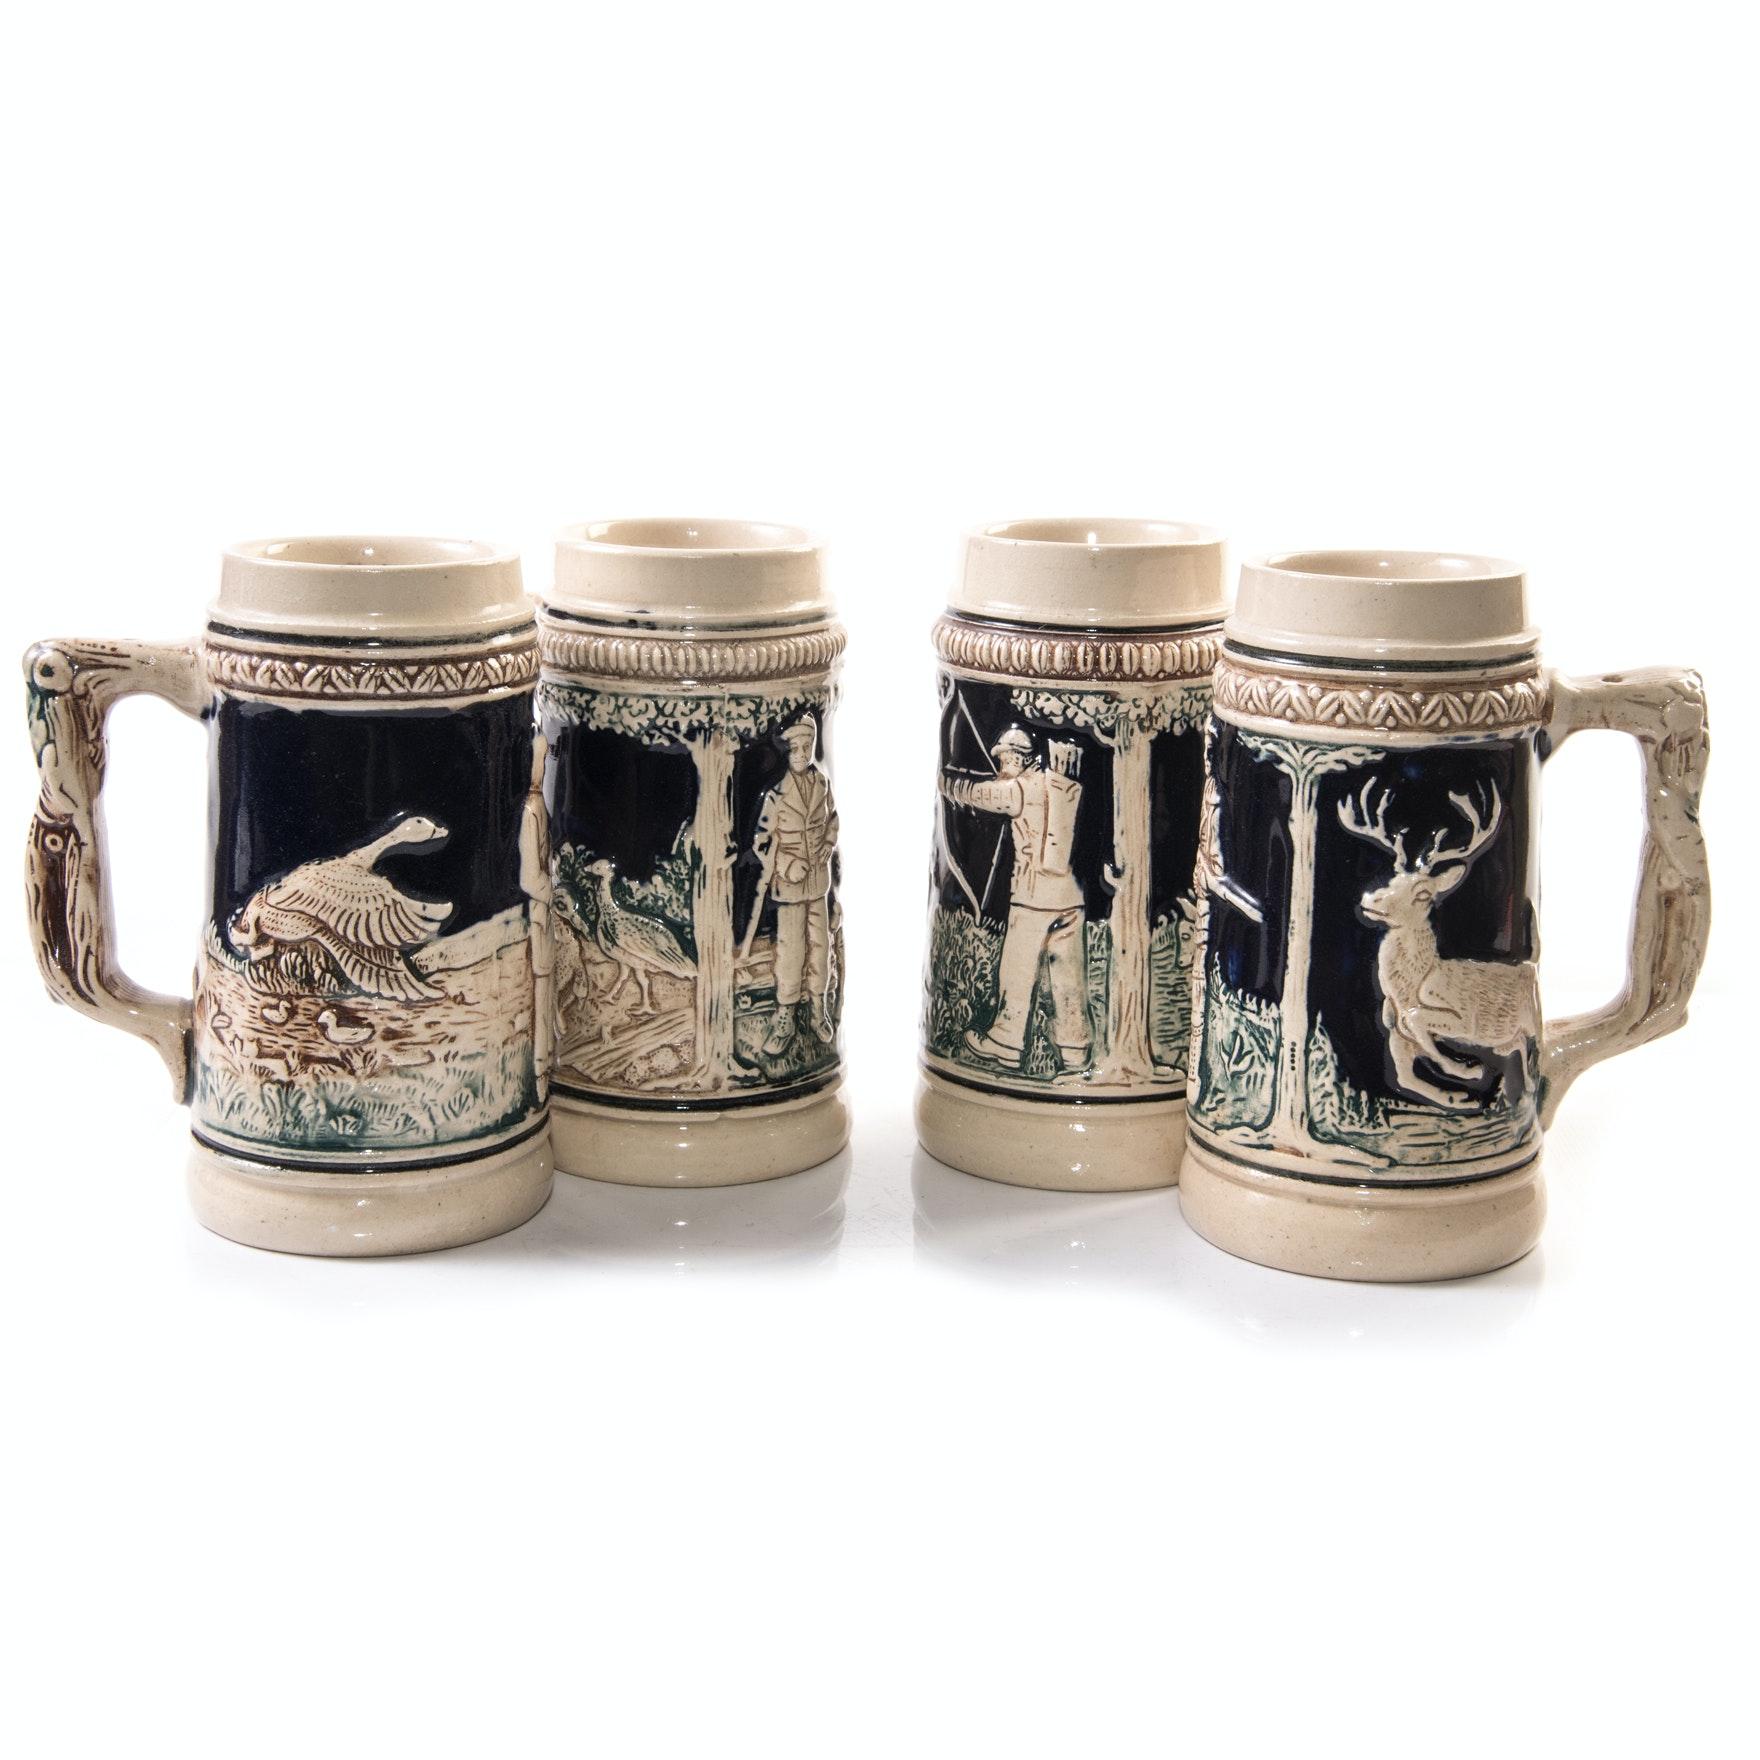 Vintage German Stoneware Beer Steins